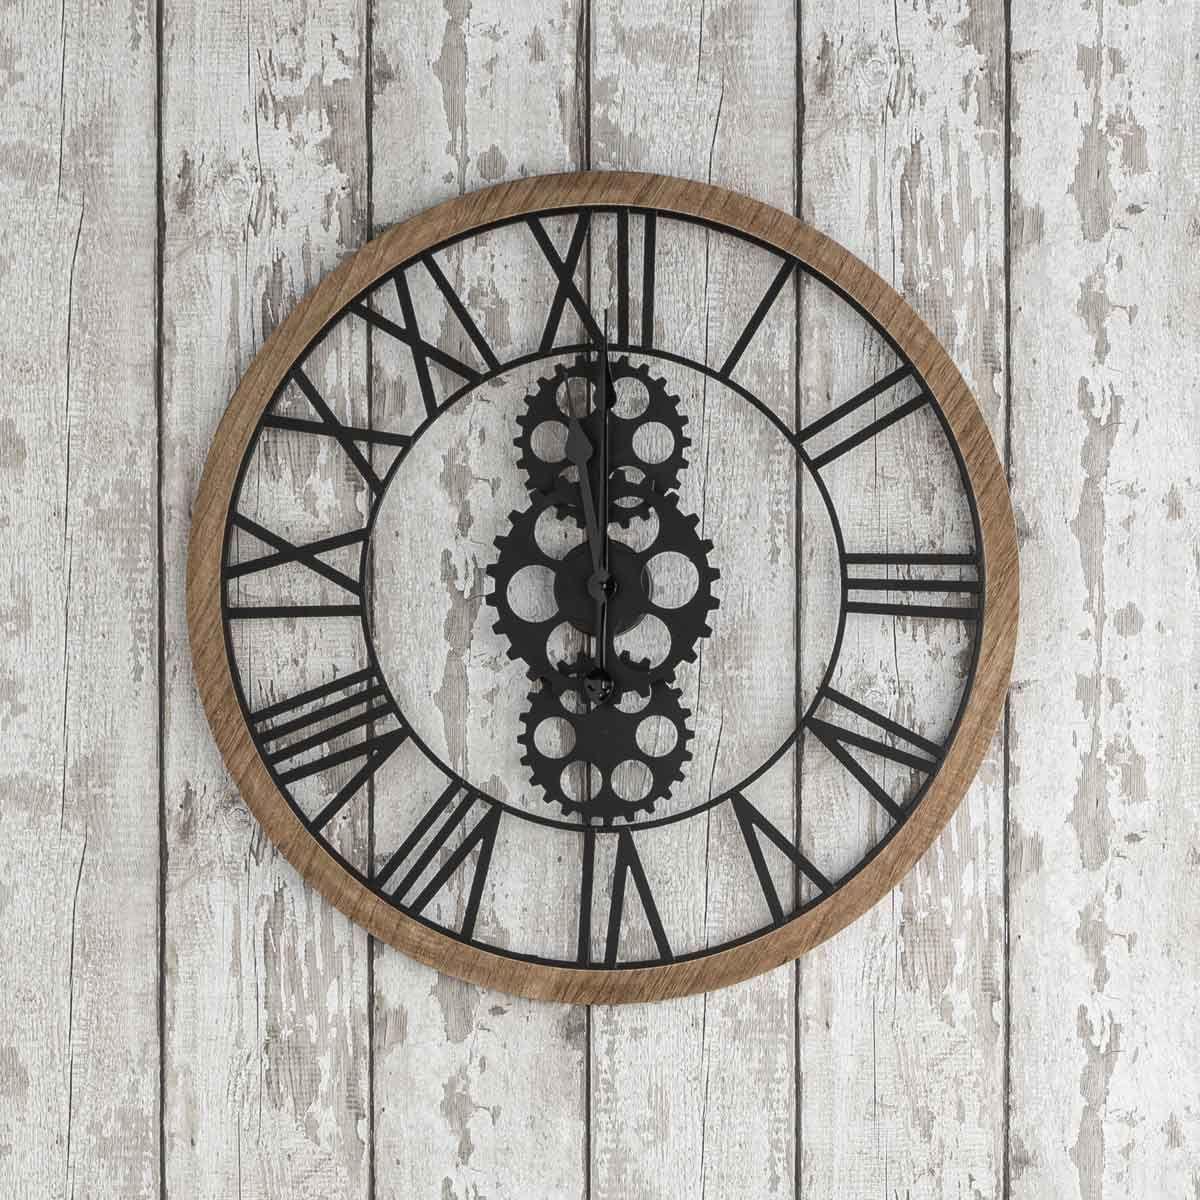 Horloge mécanique en bois et métal D. 70 cm